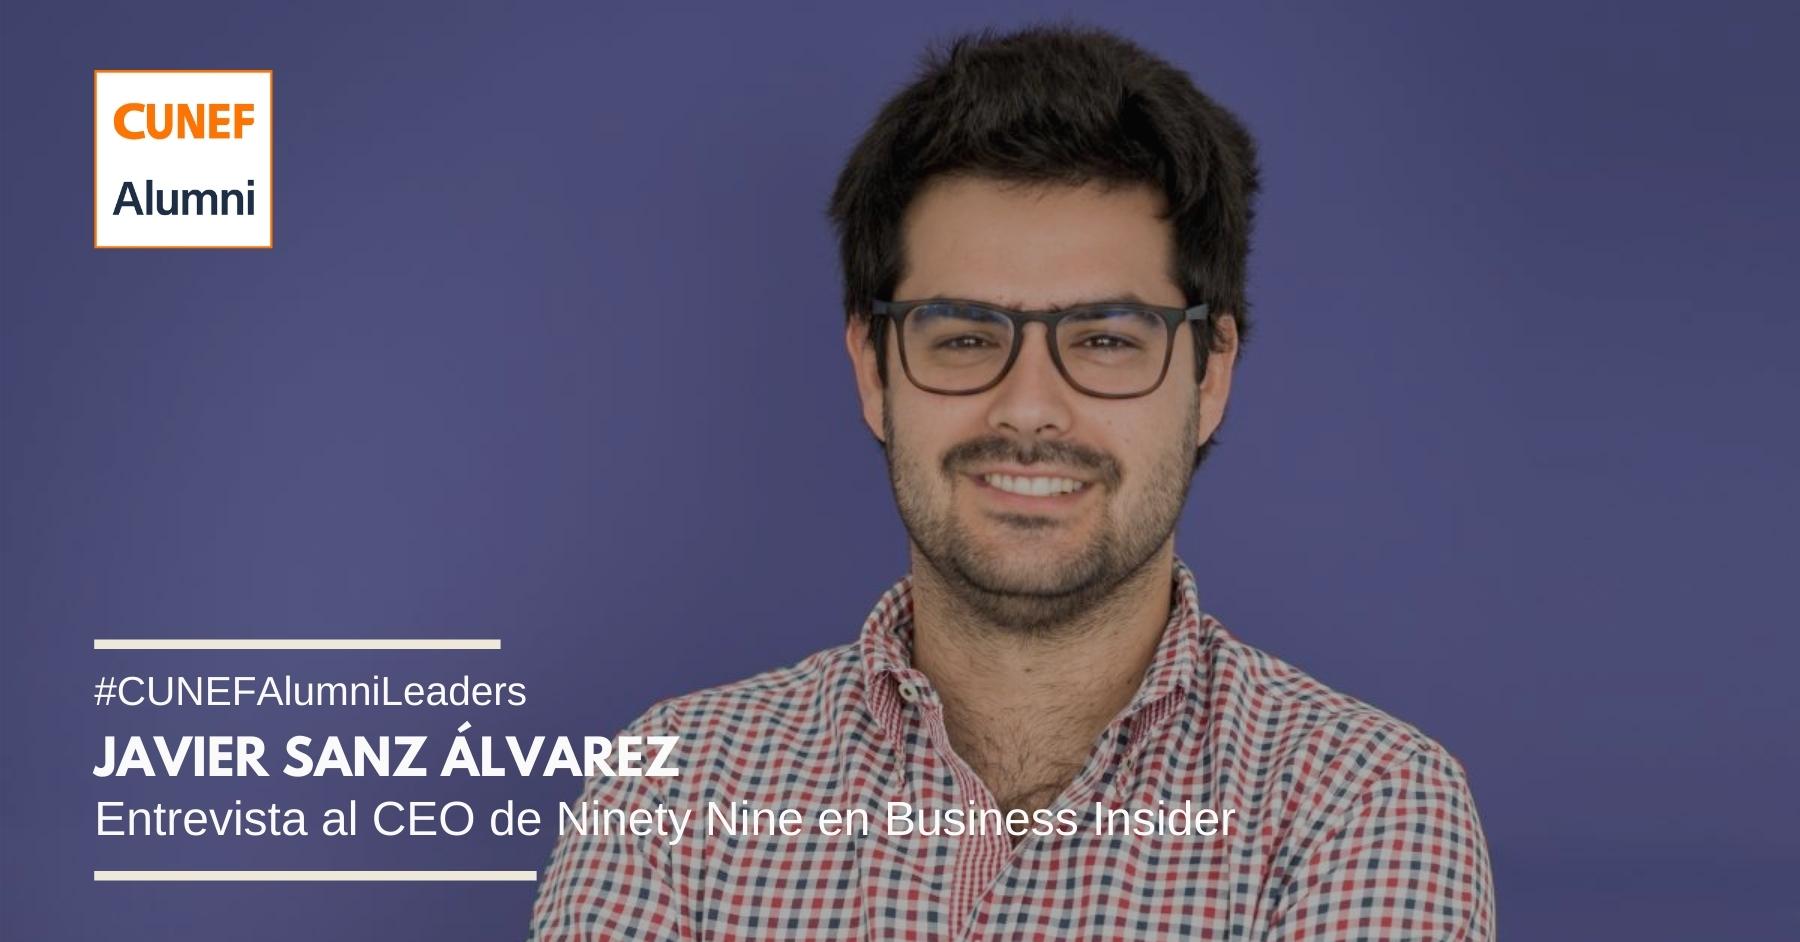 Javier Sanz Álvarez, antiguo alumno de CUNEF y CEO de Ninety Nine, entrevistado en Business Insider